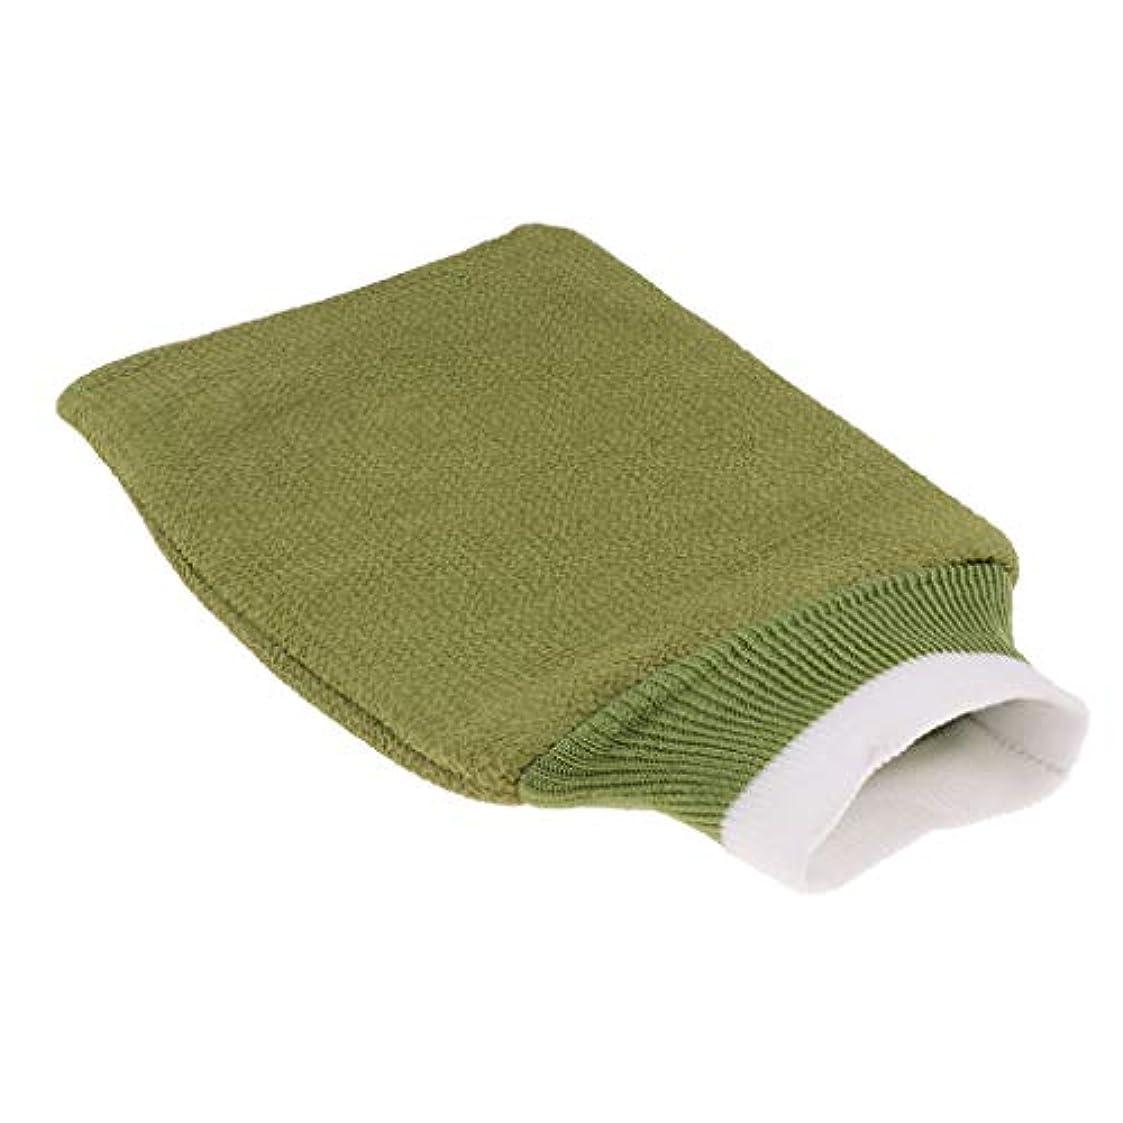 最適イーウェルアストロラーベgazechimp バスグローブ 浴用手袋 シャワー用 バスミット 垢すり手袋 毛穴清潔 角質除去 男女兼用 全3色 - 緑